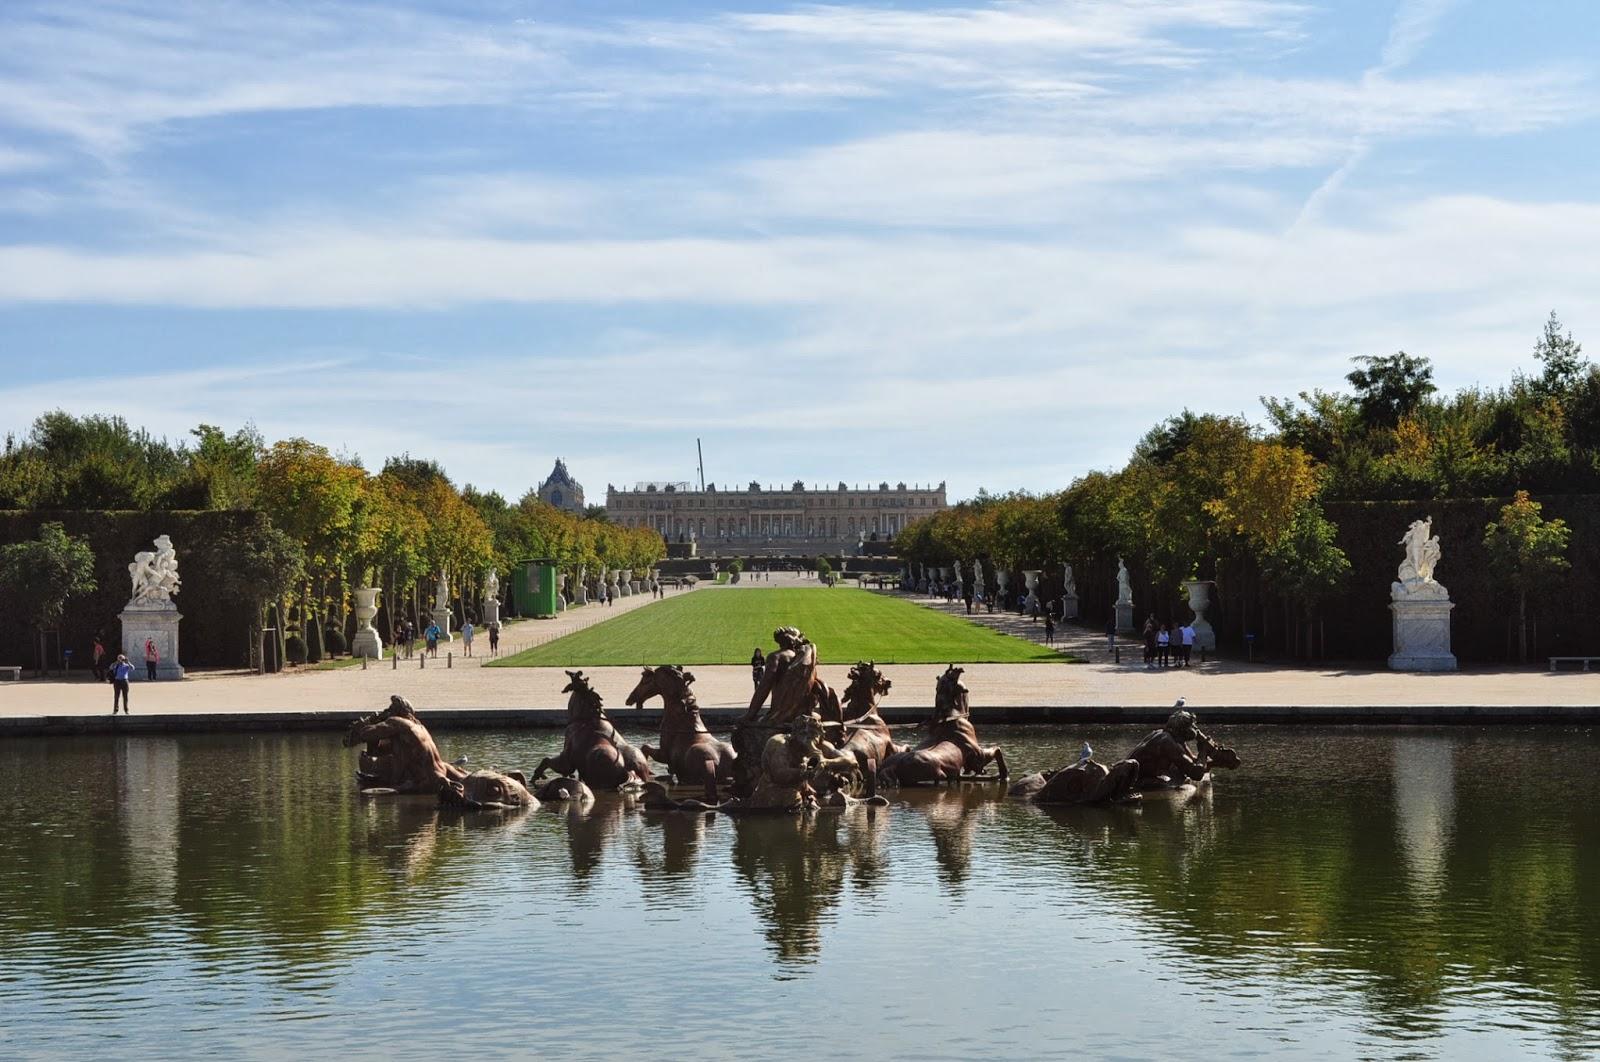 Без да се информираме предварително решаваме да посетим Версай понеделник, който всъщност е почивен ден. Така е за повечето музеи в Европа. Но кой да се сети!